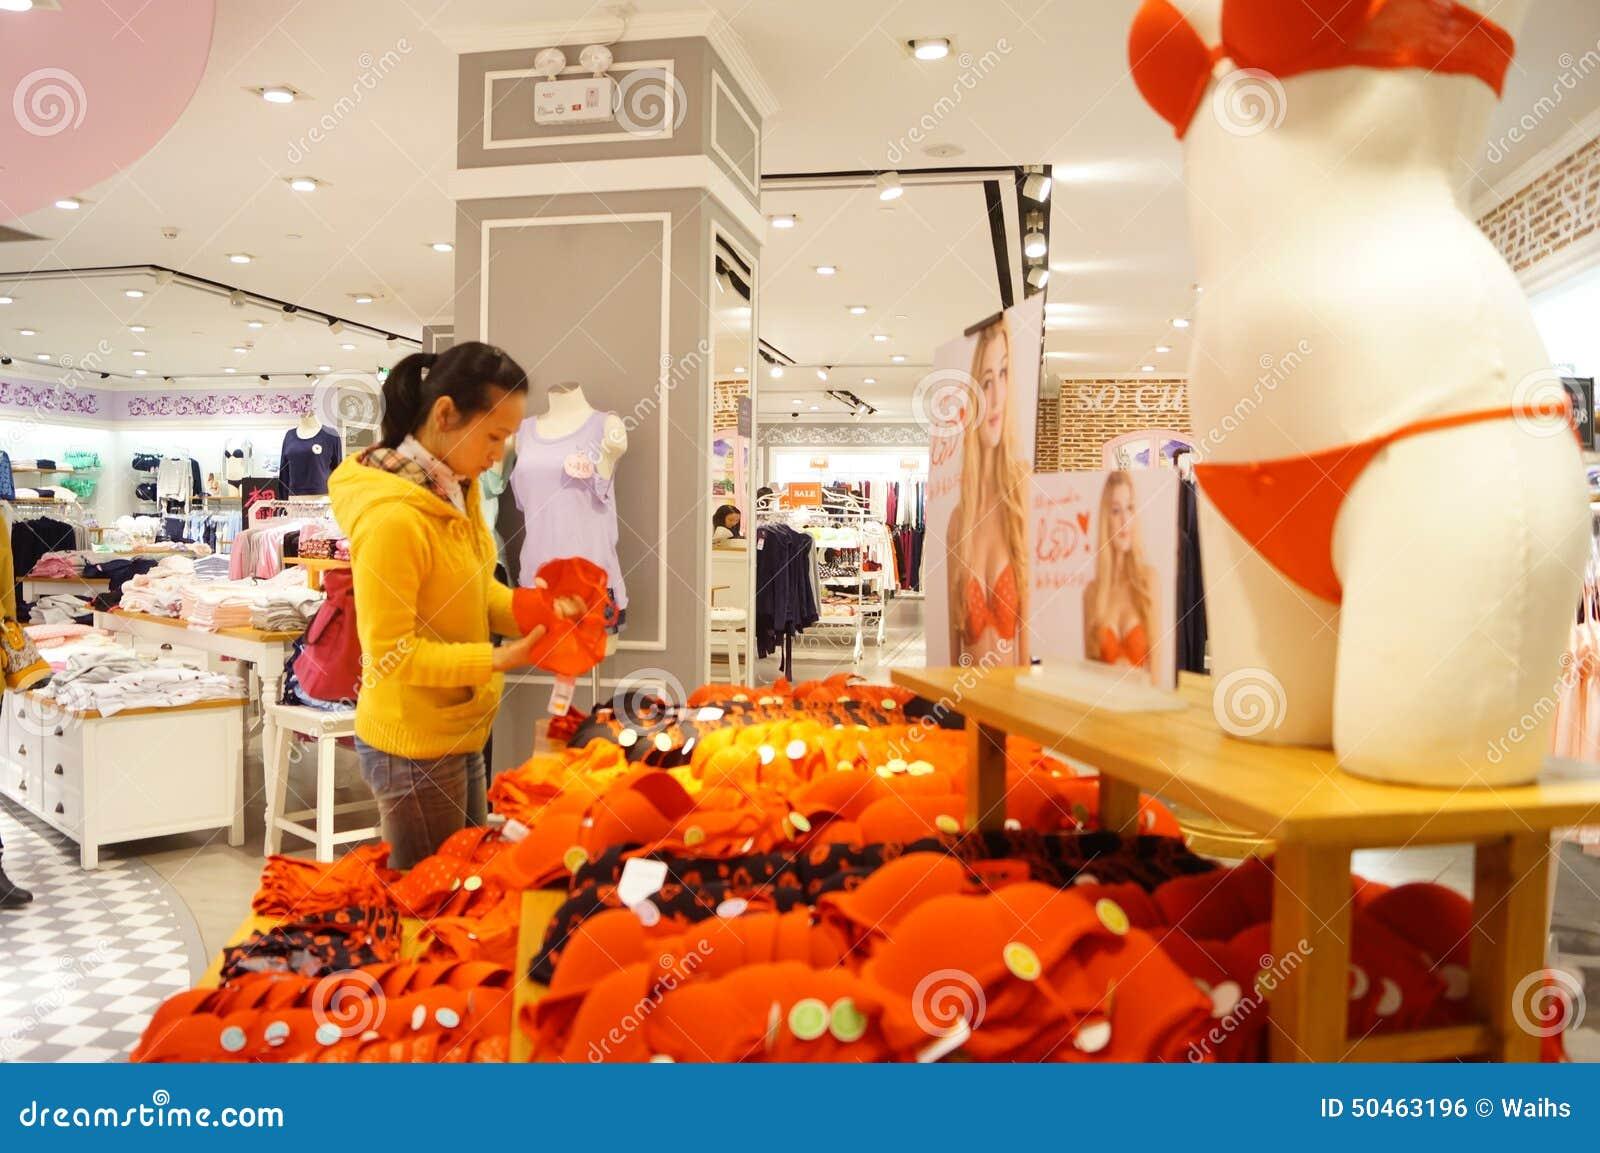 Магазин китайского женского белья бытовая техника оверлок для дома